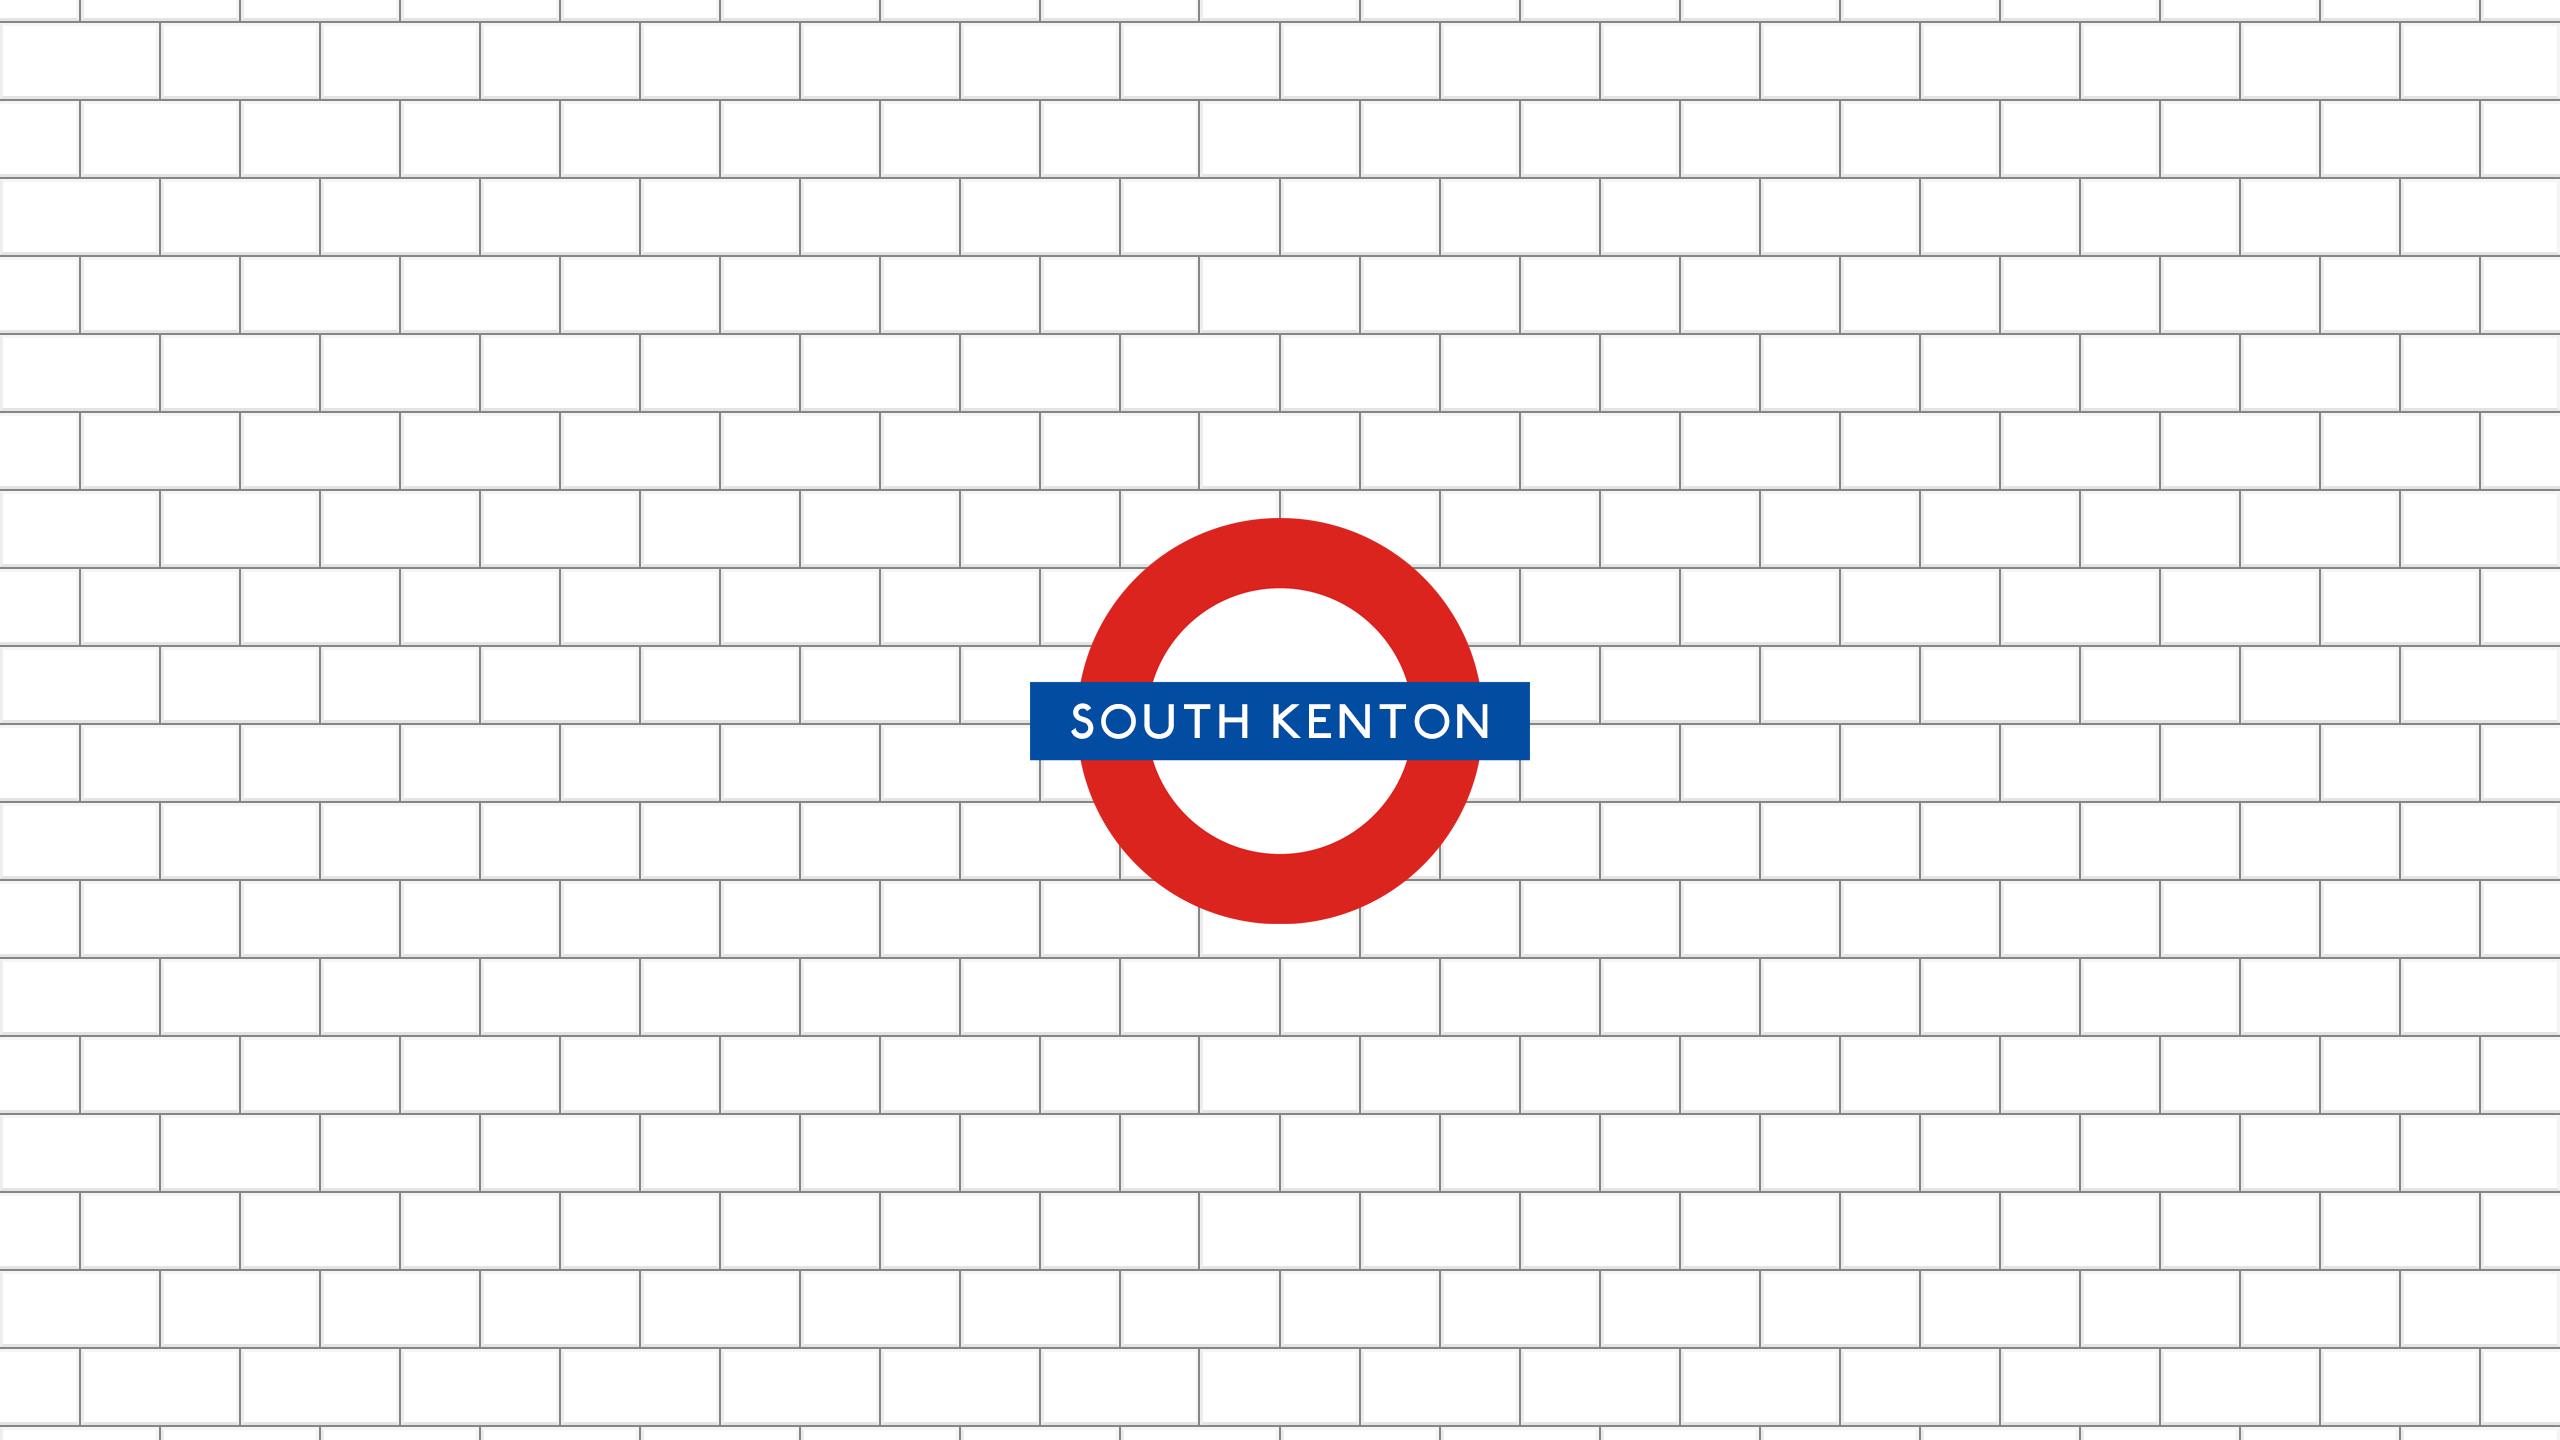 South Kenton